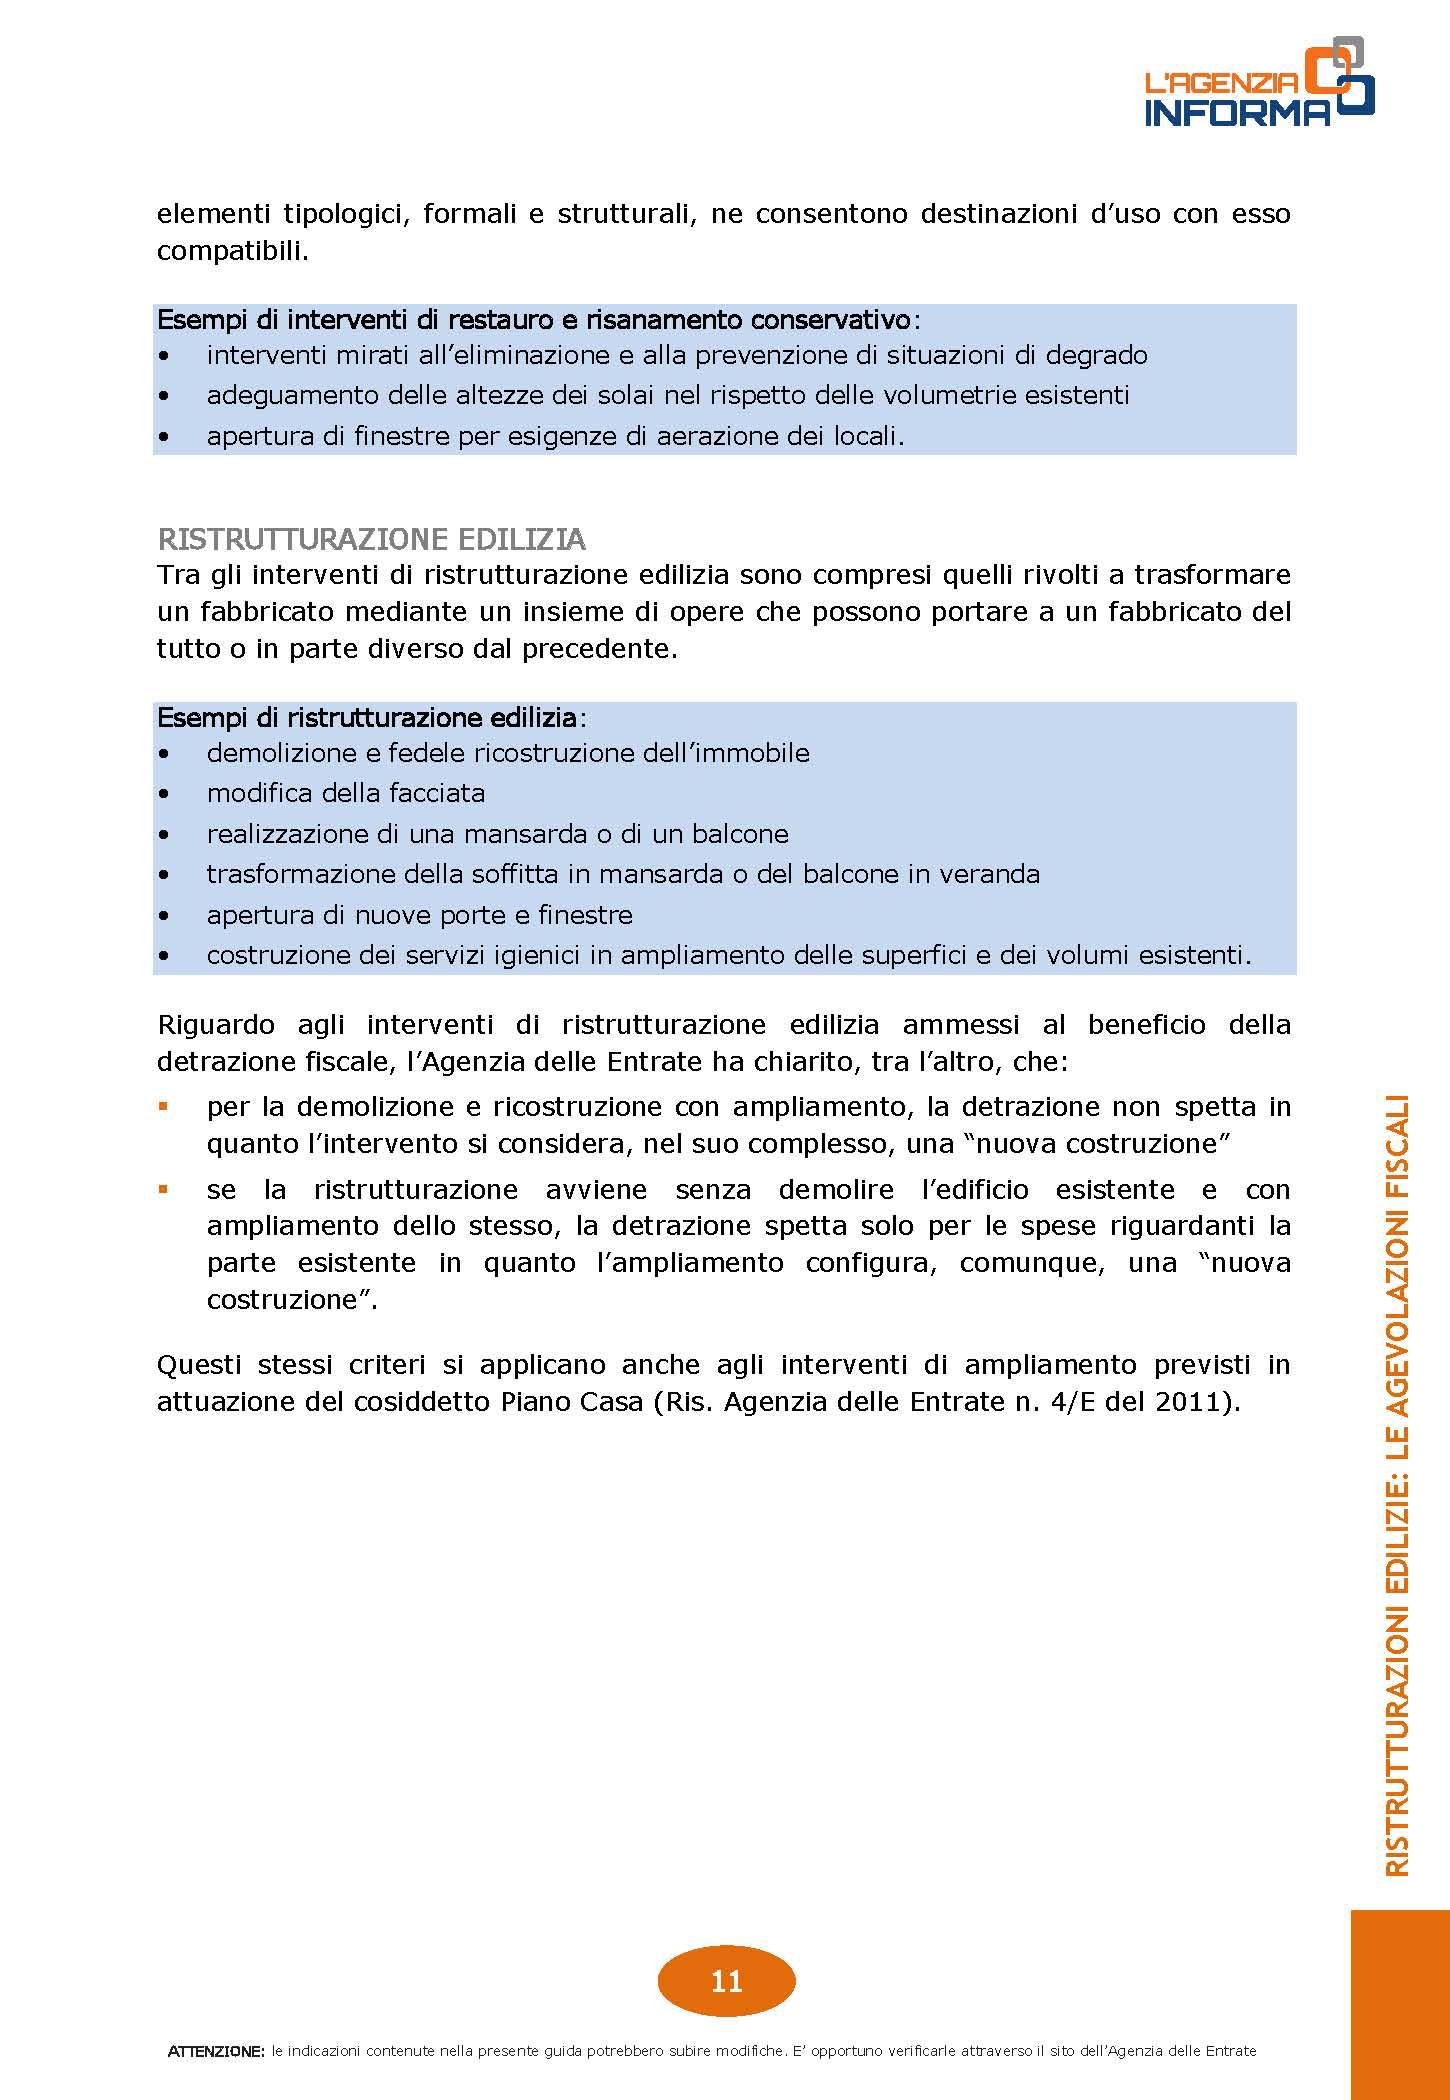 guida_ristrutturazioni_edilizie_marzo2016-12